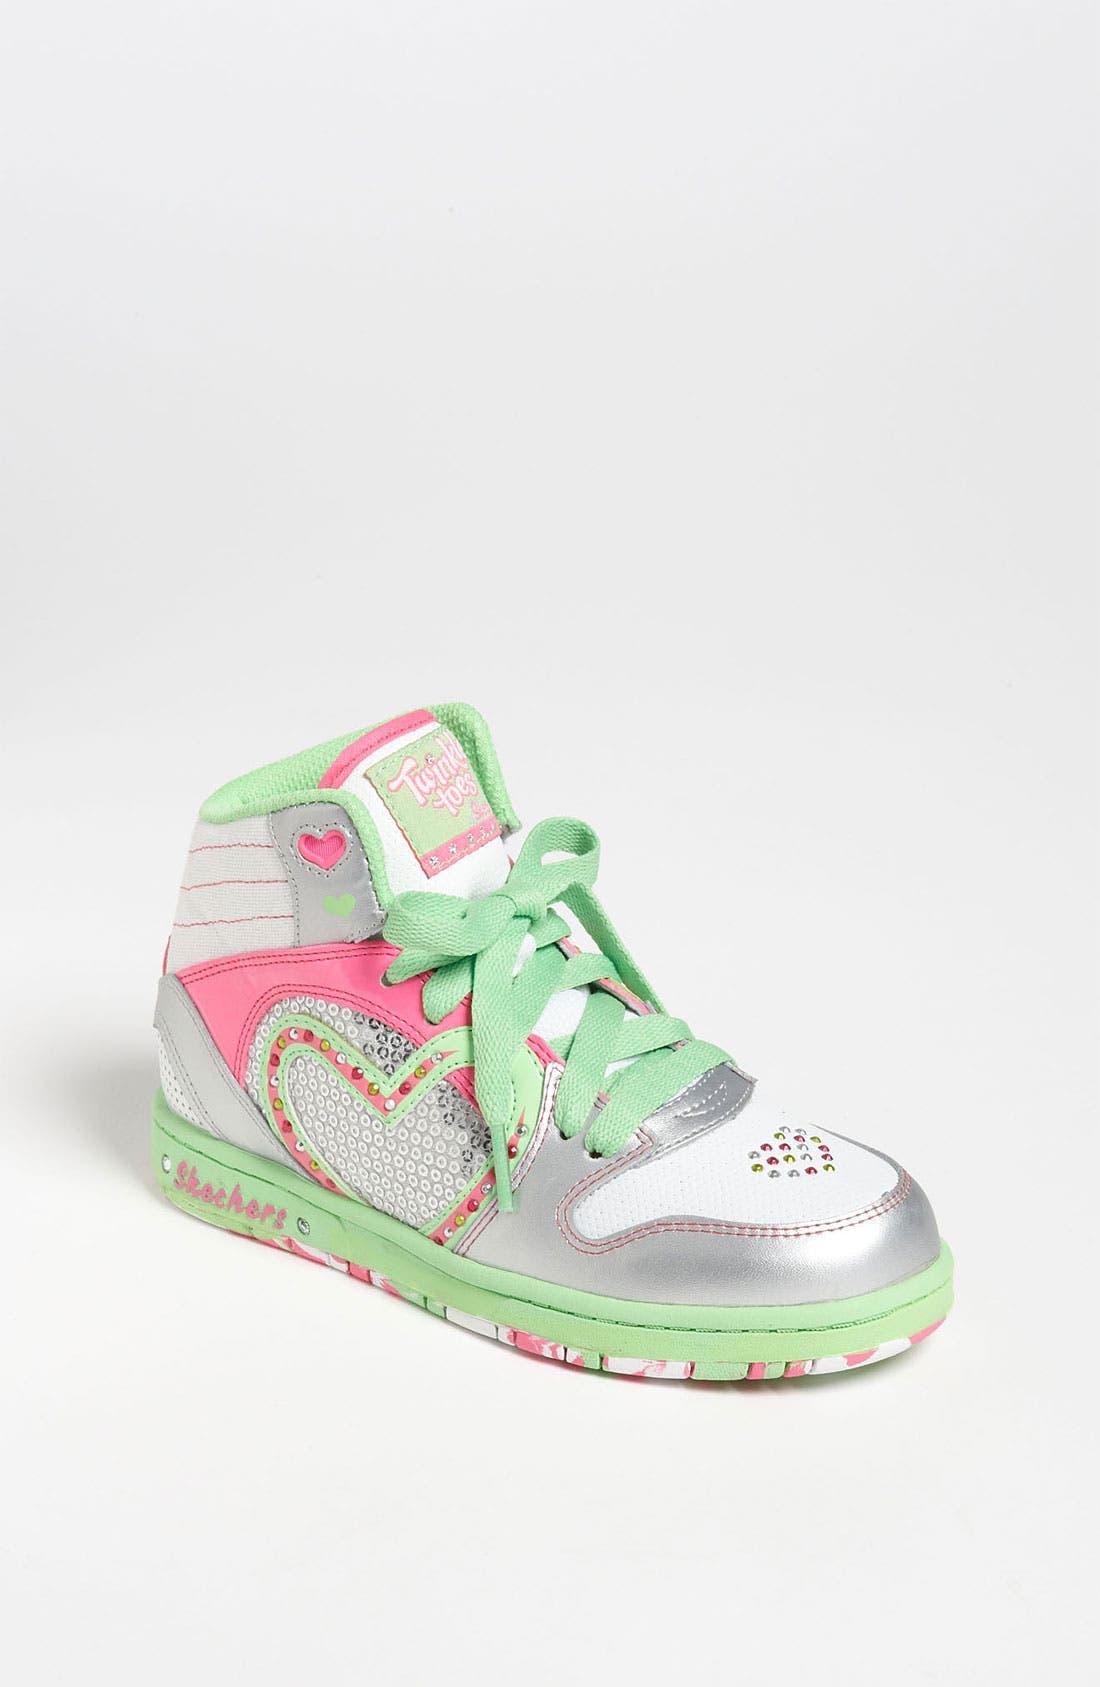 Main Image - SKECHERS 'Twinkle Toes - Heart N' Soul' Sneaker (Toddler, Little Kid & Big Kid)